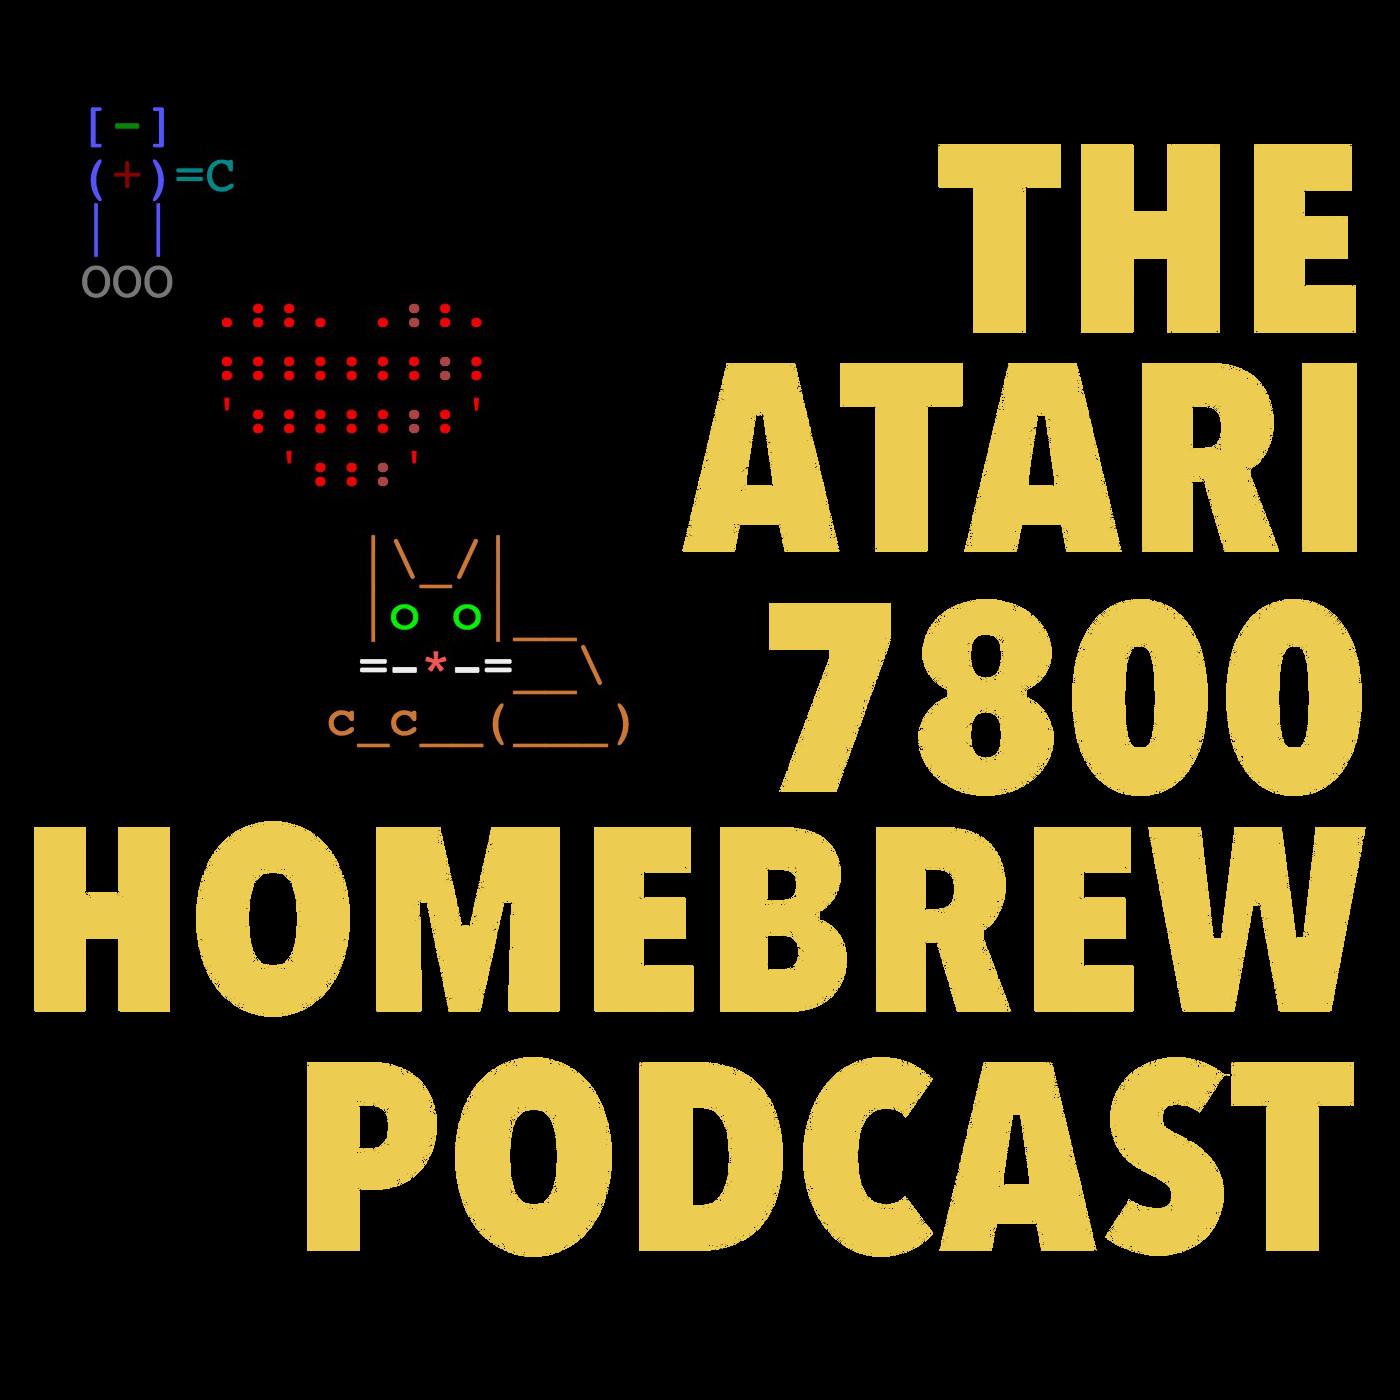 Episode 32: robotfindskitten